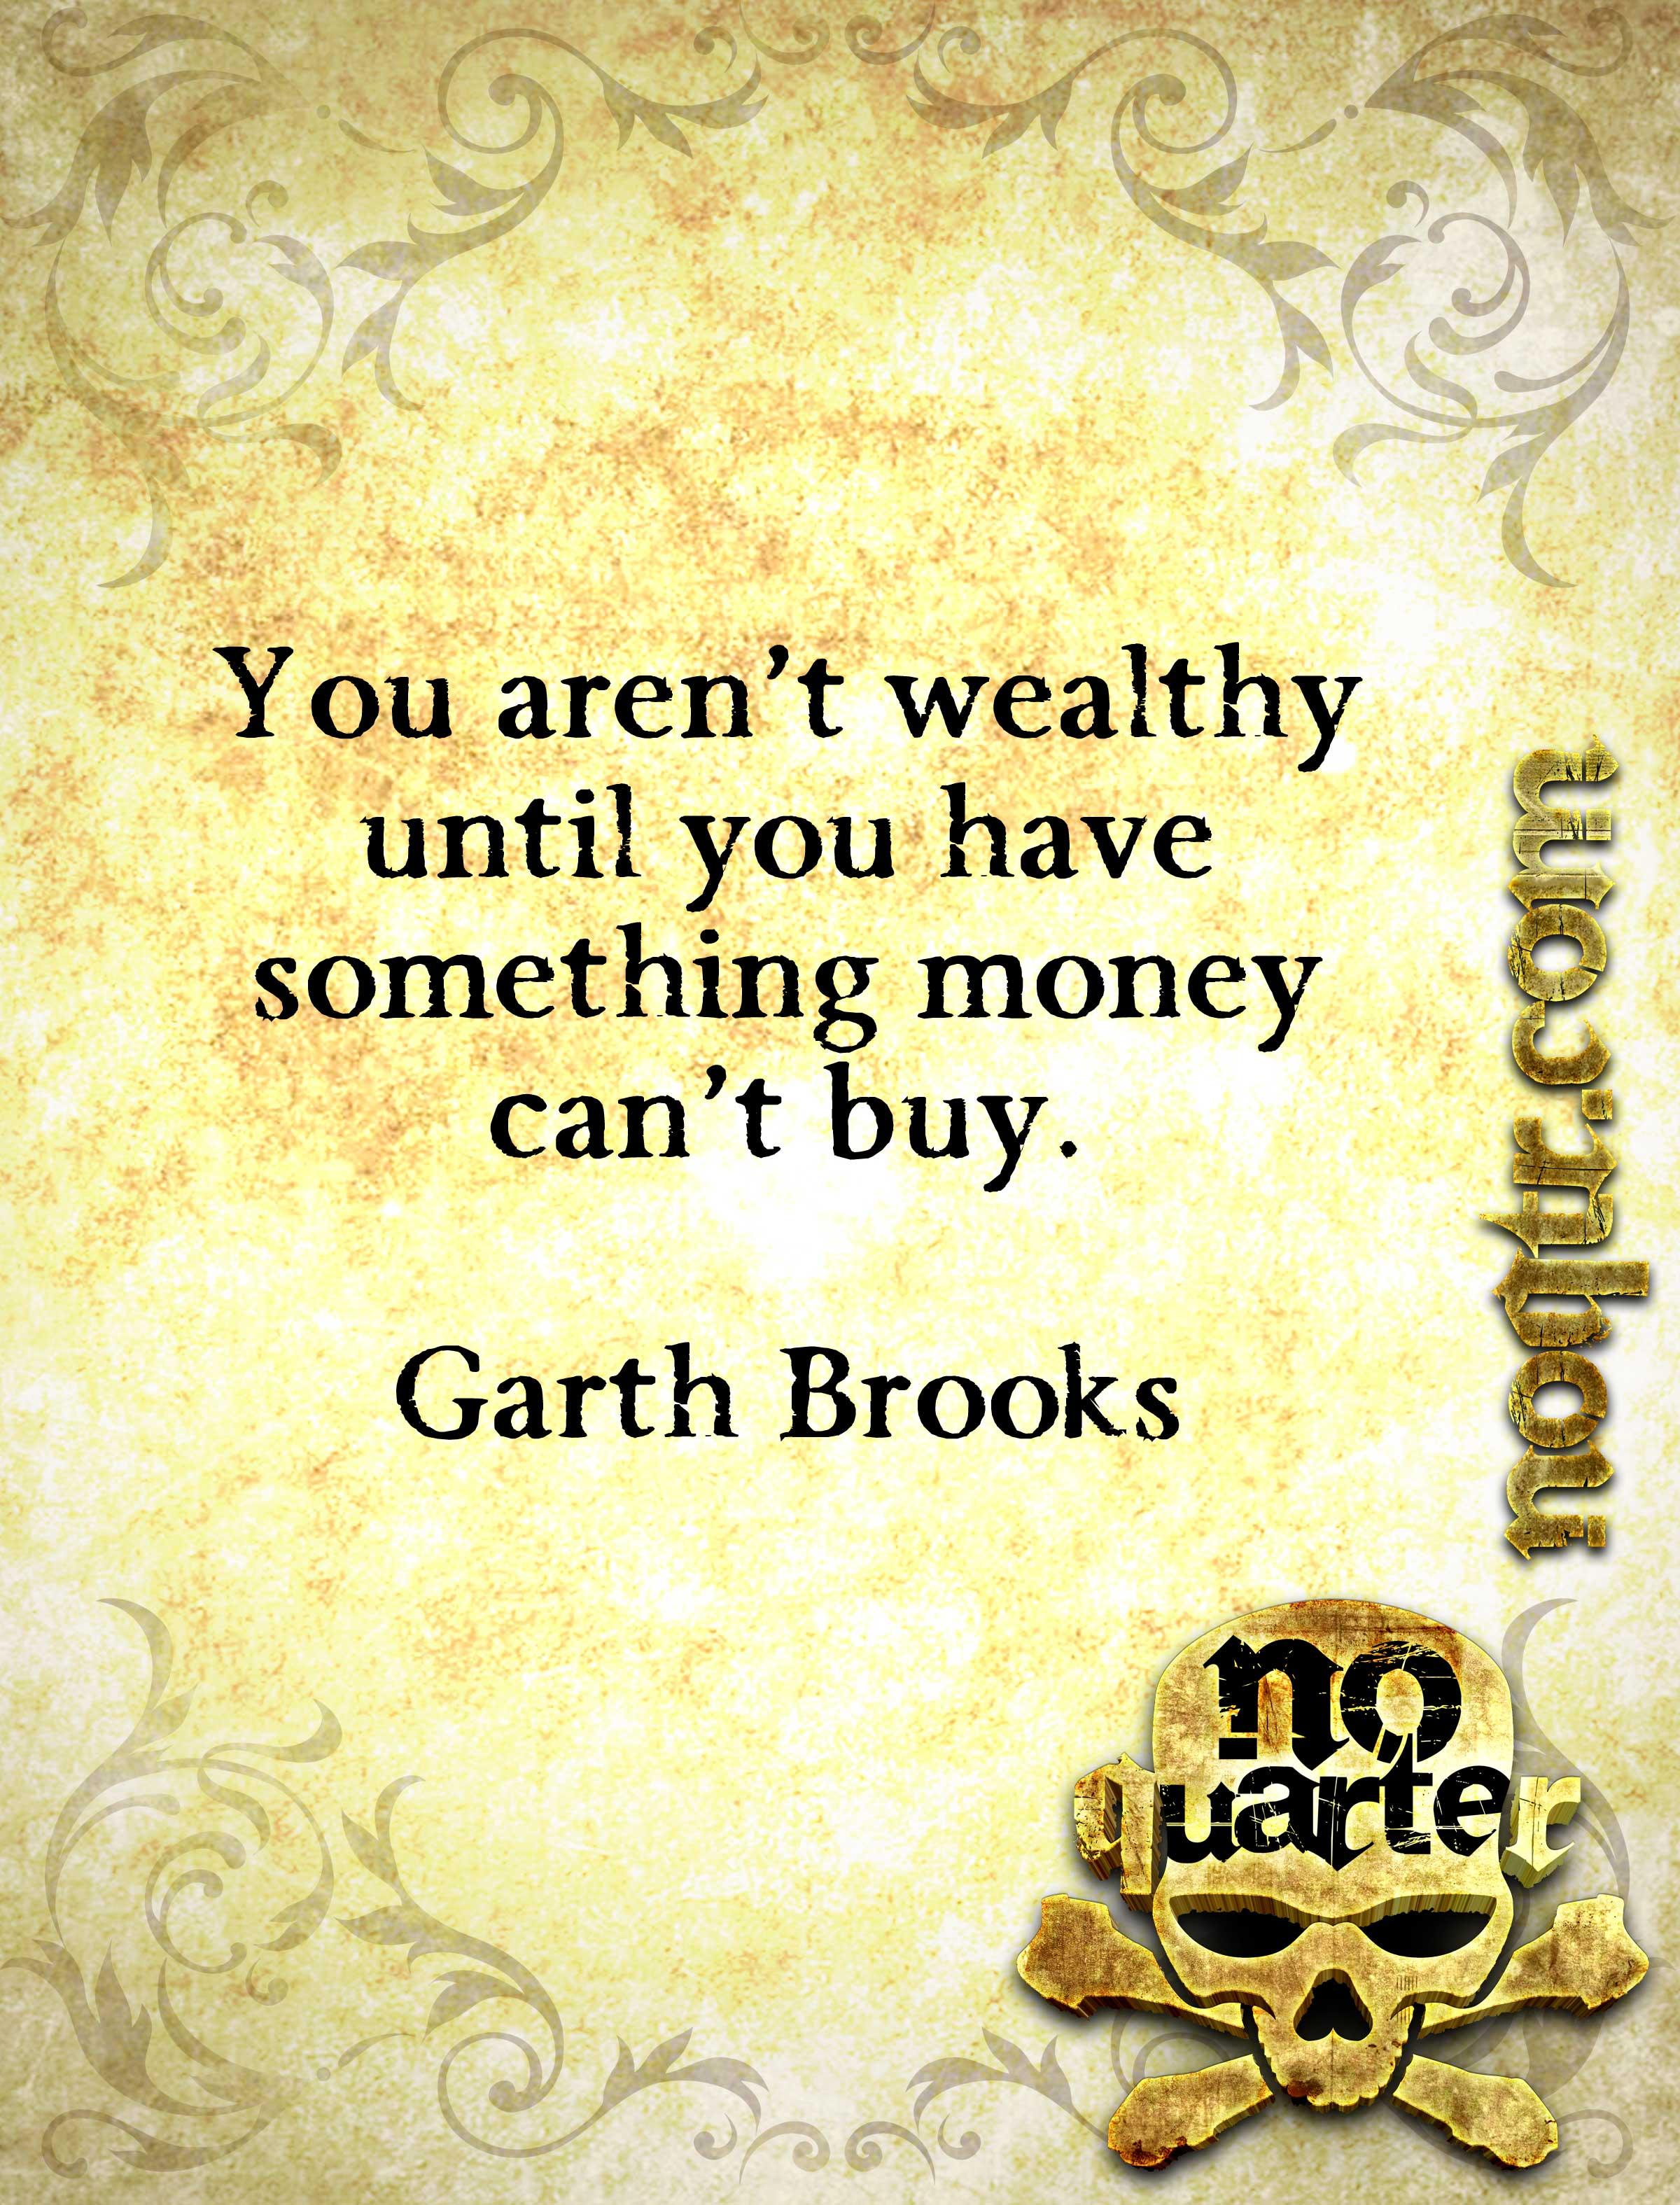 Garth Brooks's quote #6